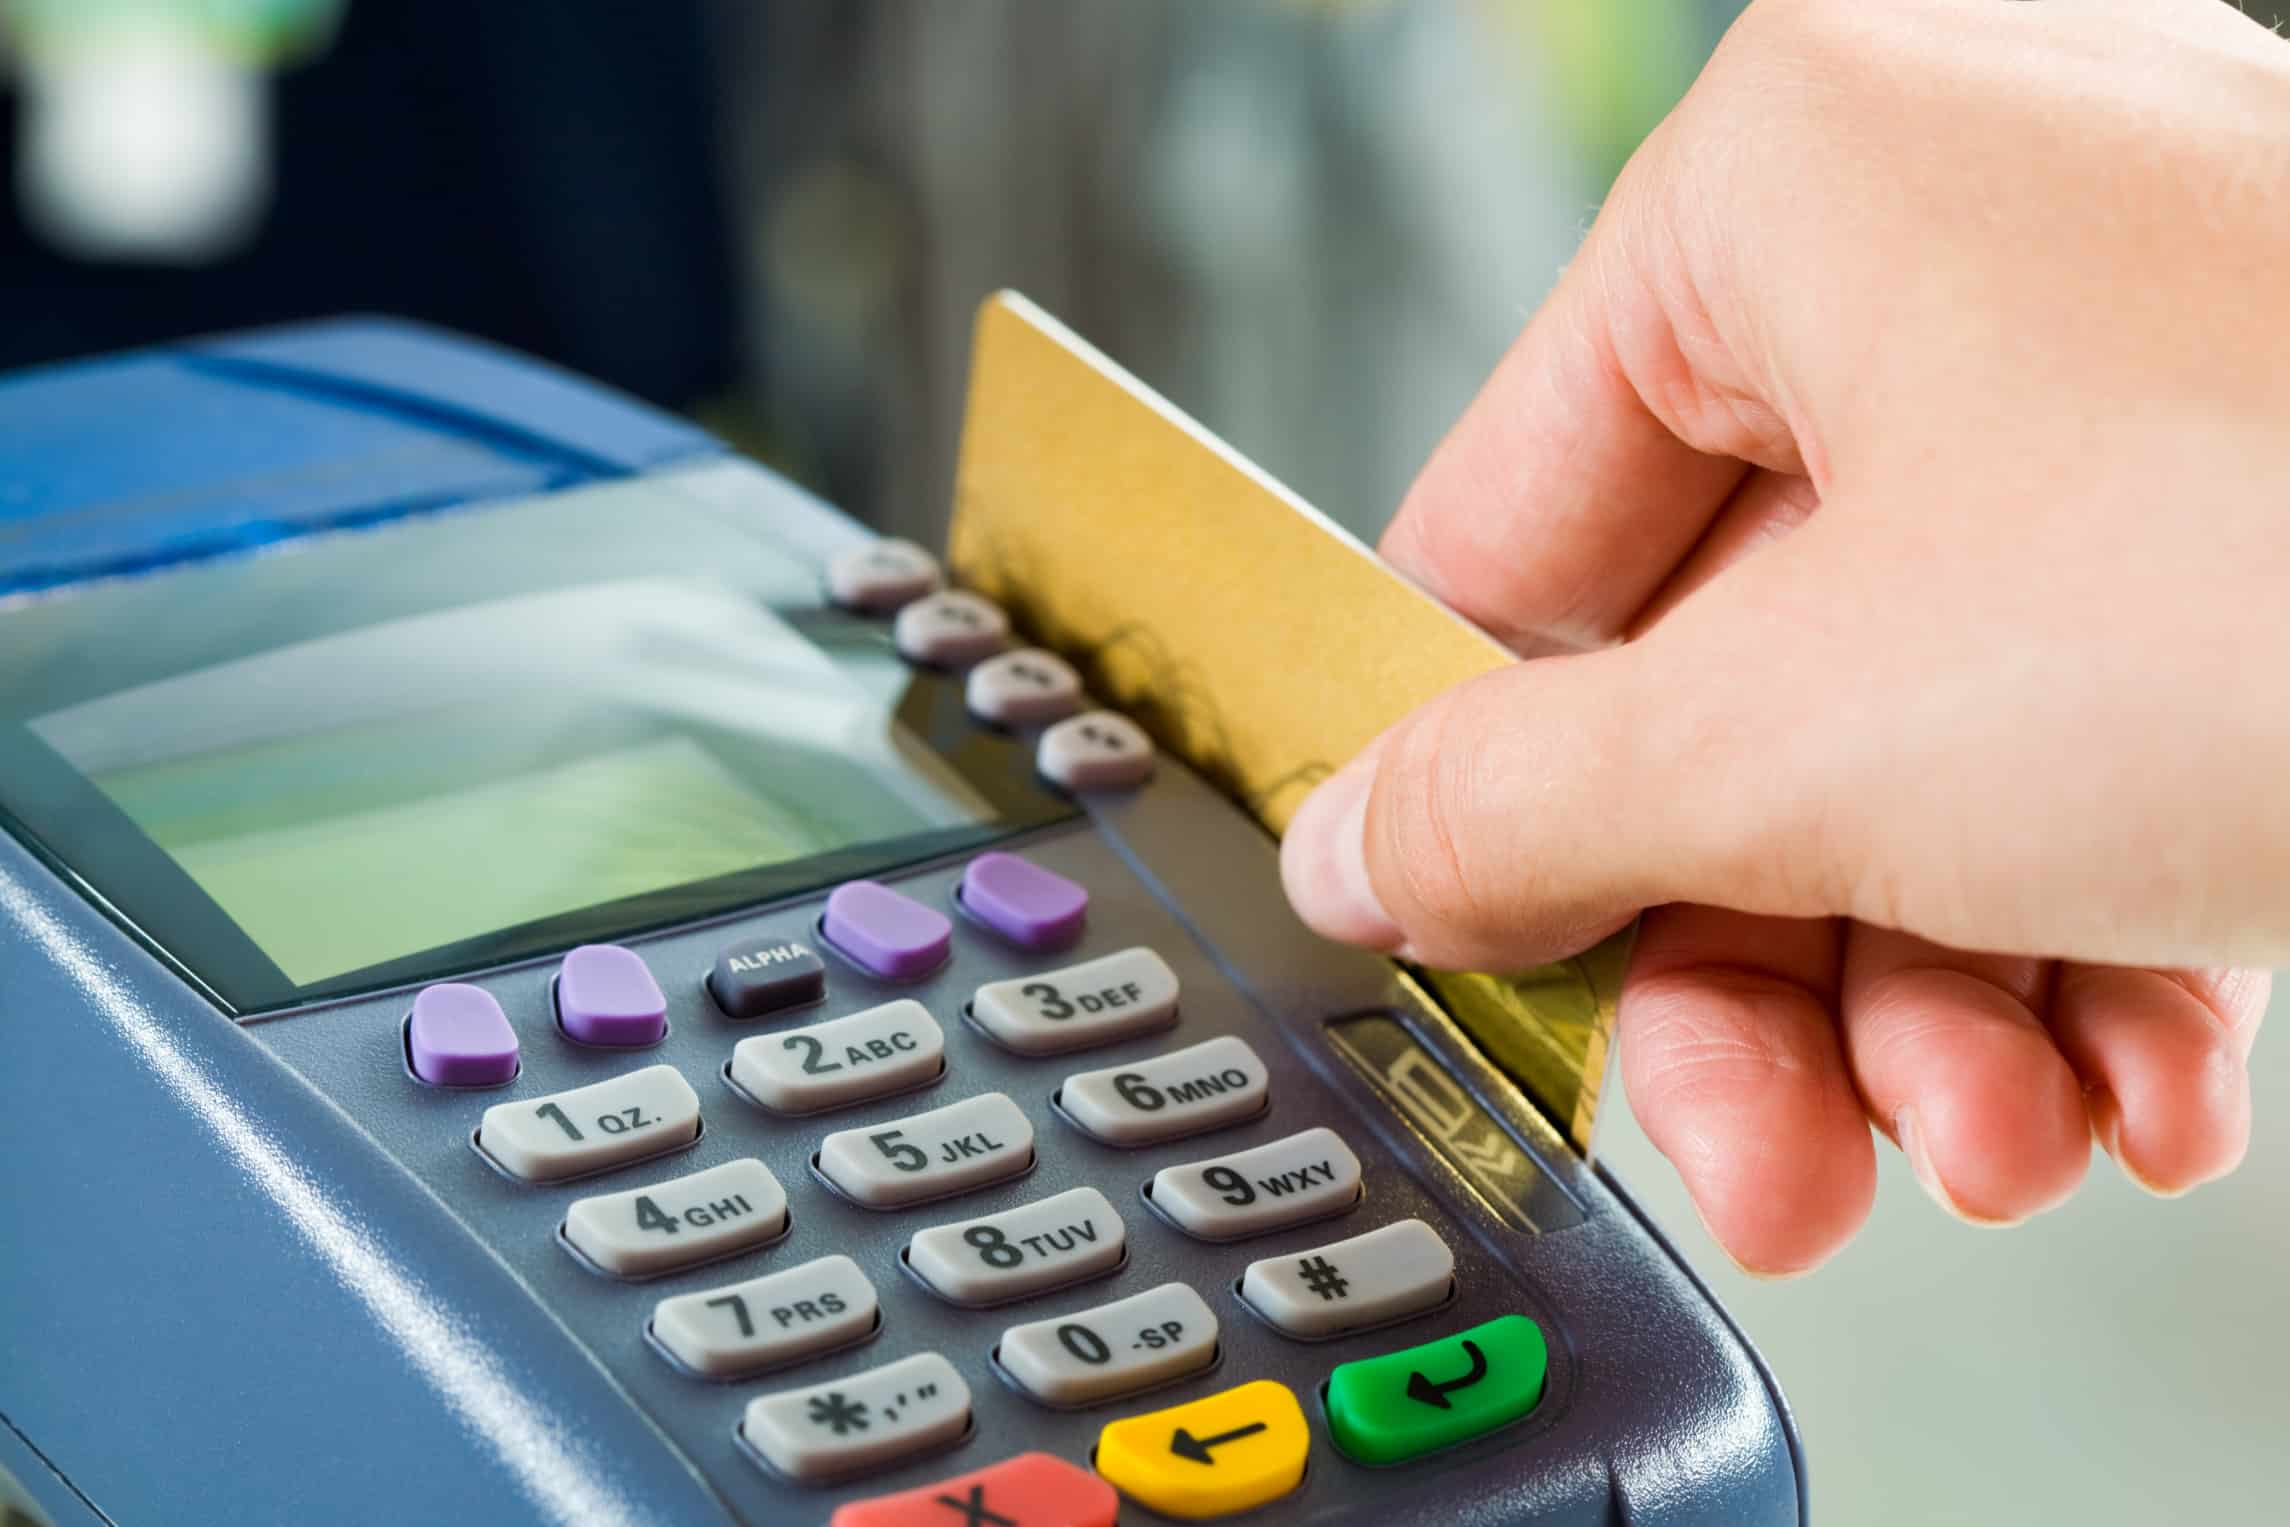 cartao-credito-11-dinamo-vigilancia